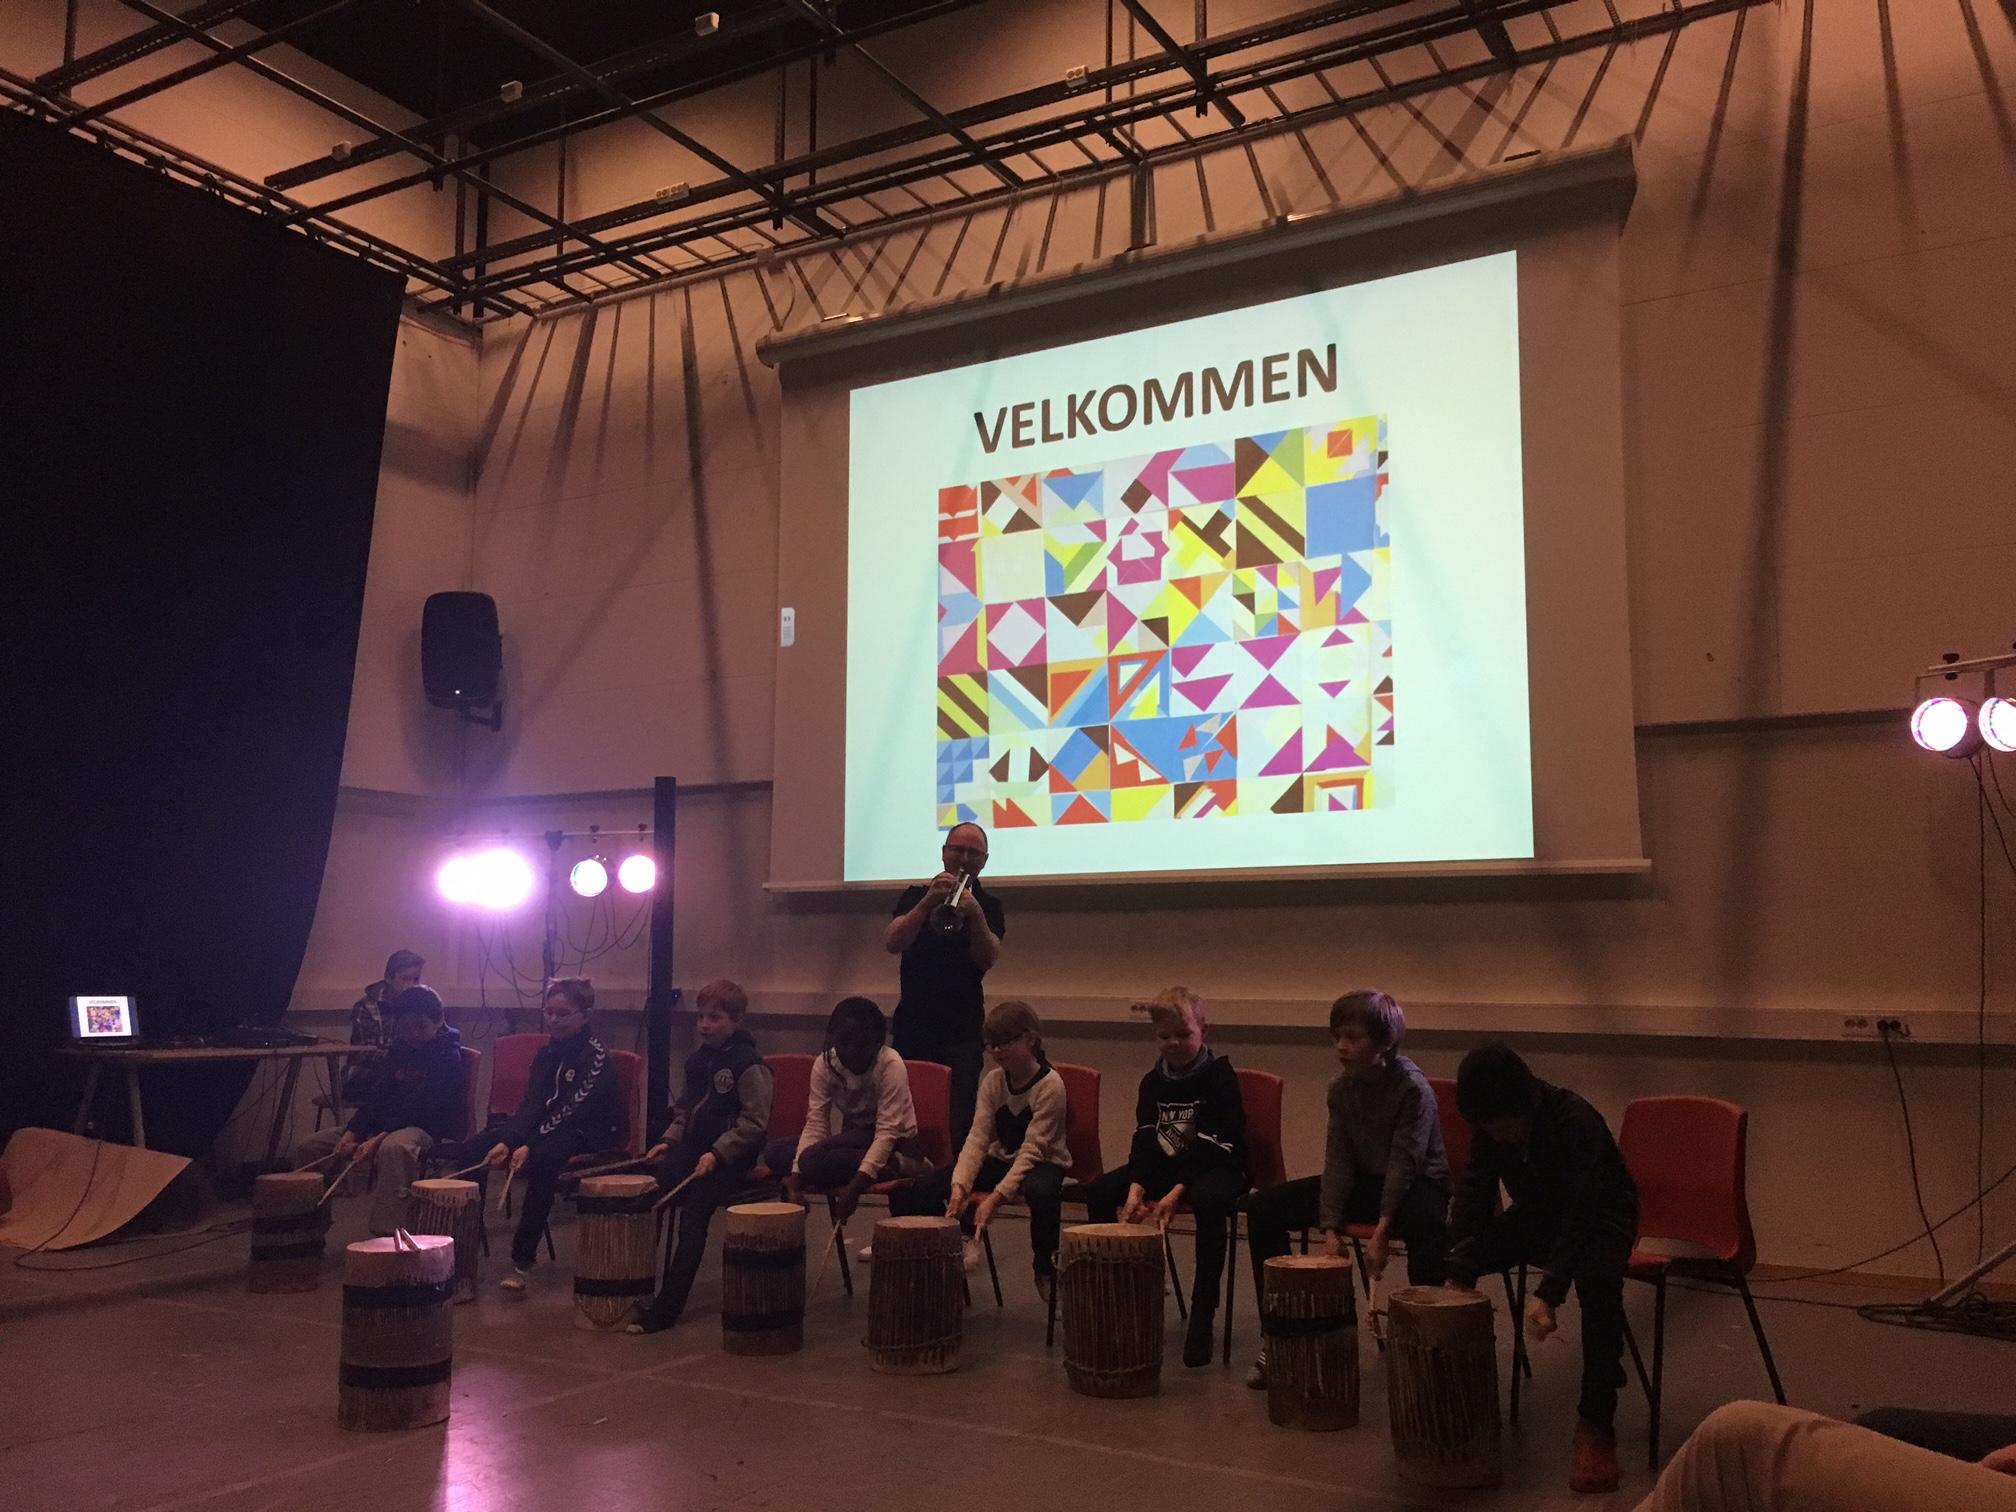 Trommegerilljaen på Lade skole ledet av flinkistrompetist Jan Magne Førde